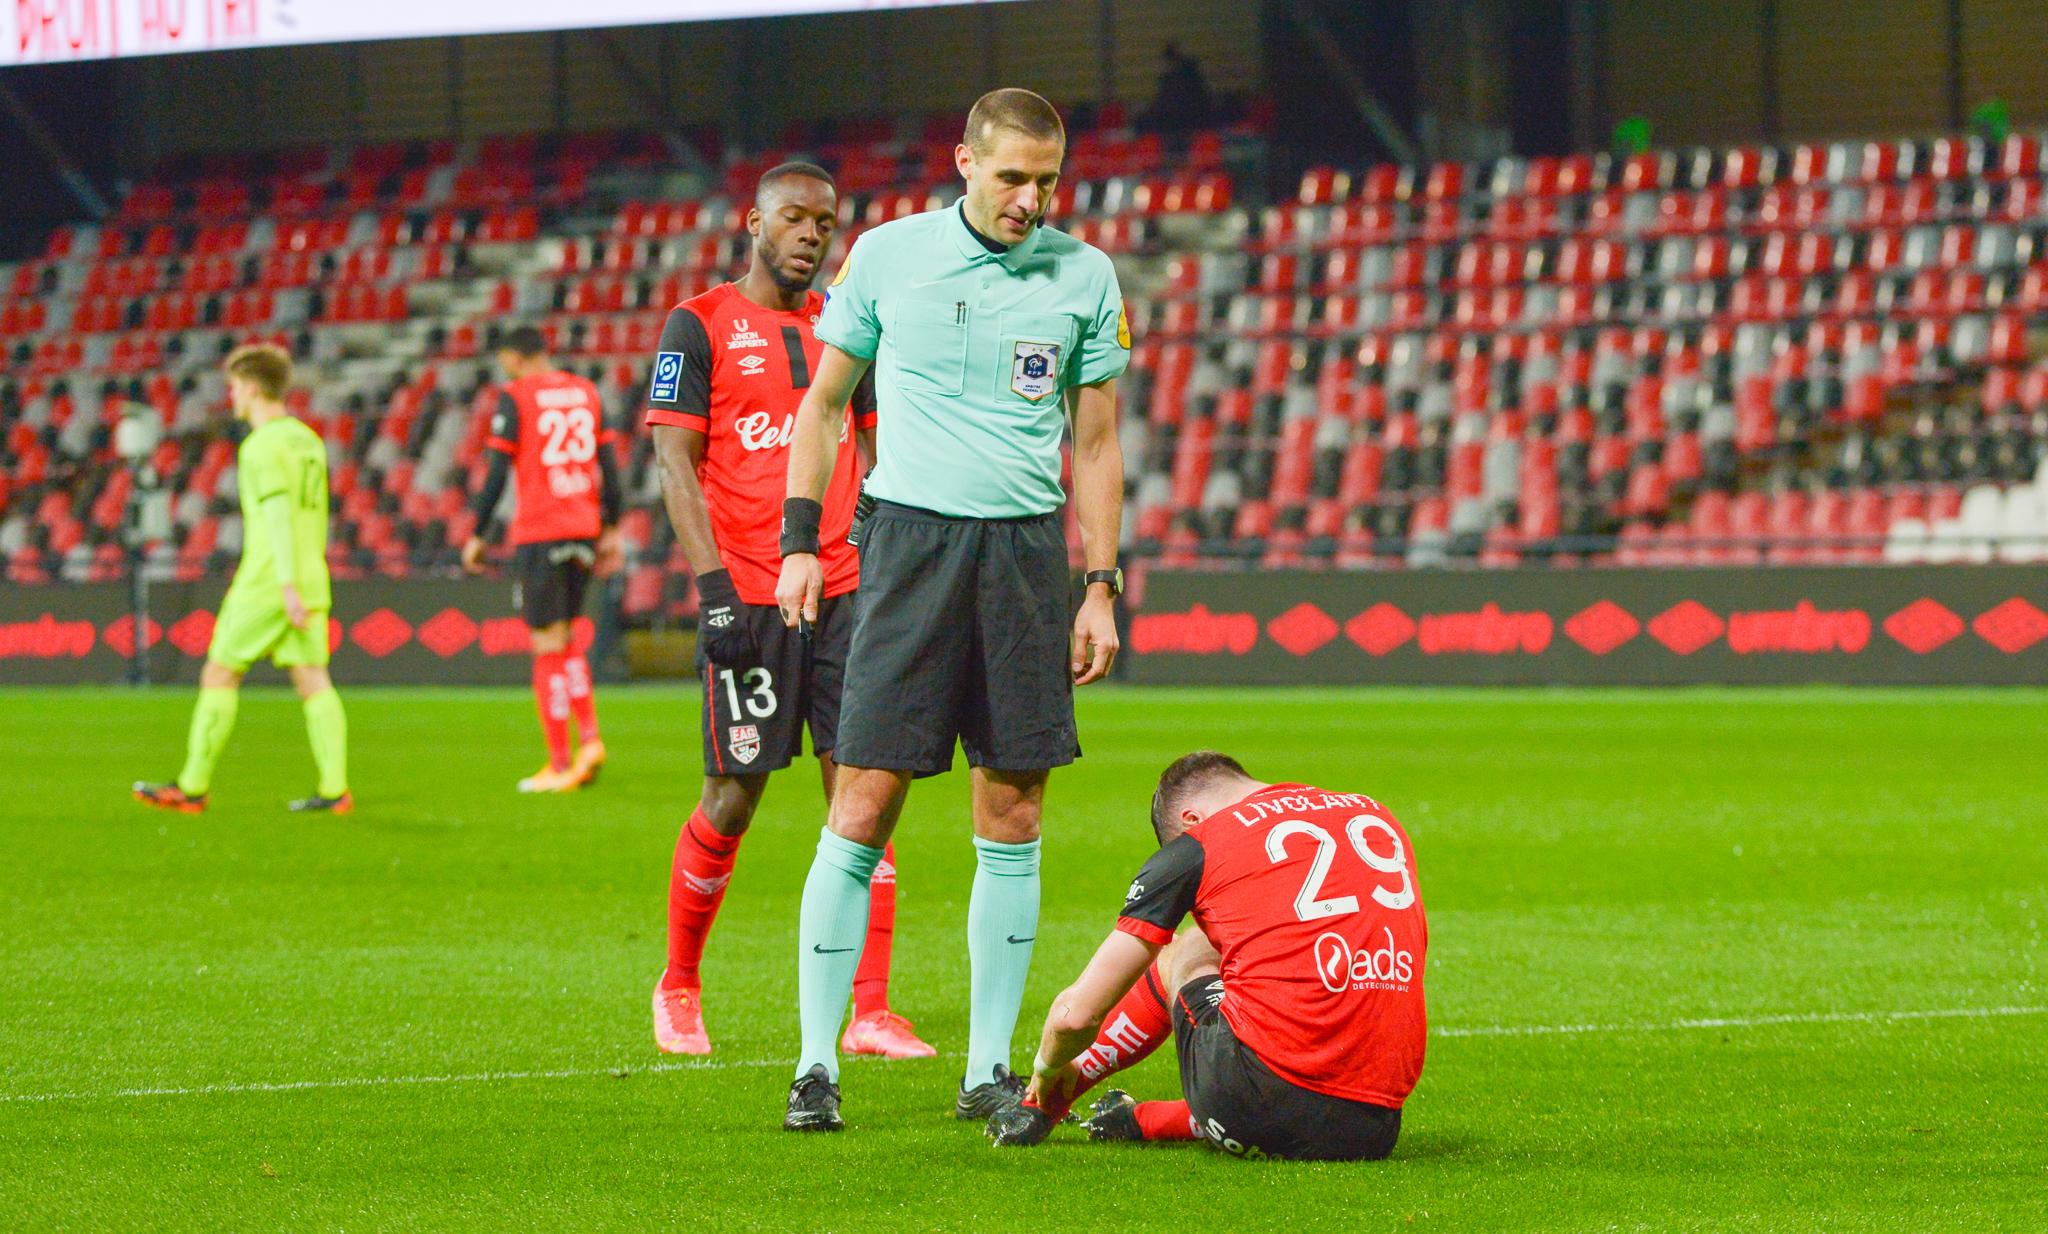 6 EA Guingamp SM Caen 2-2 Ligue 2 BKT Journée 26 2020-21 22 02 2021 EAGSMC